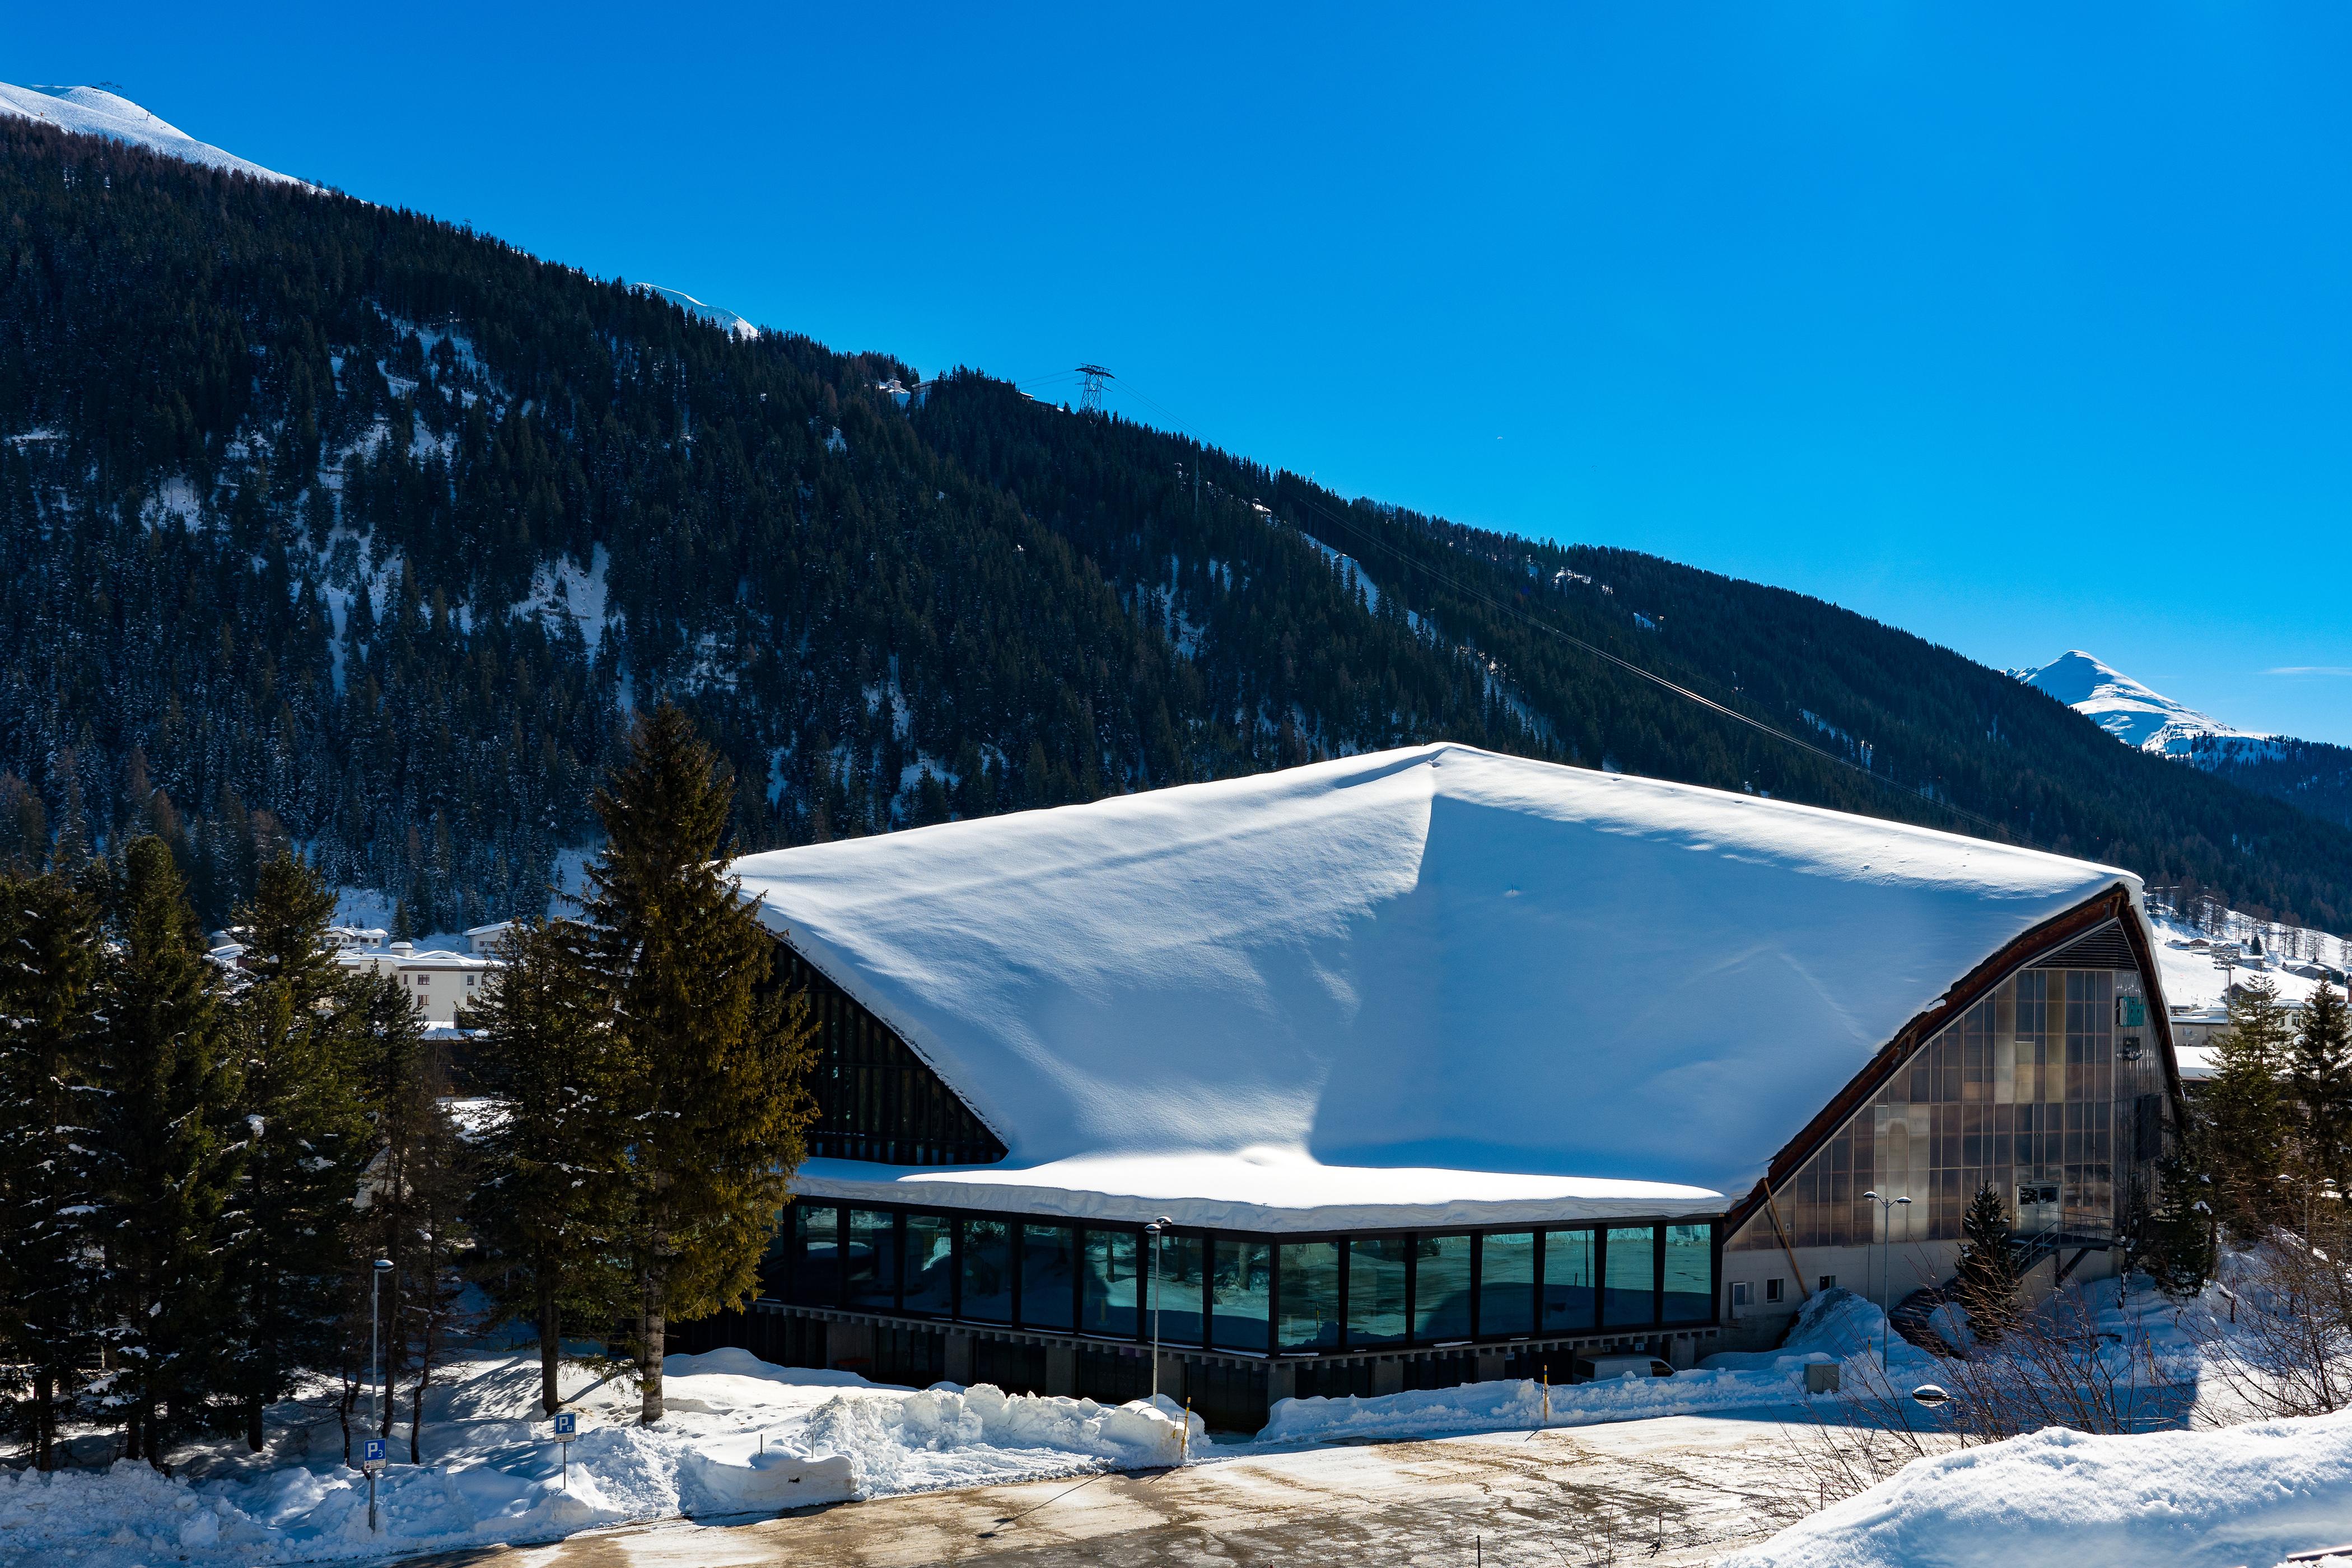 Картинка Швейцария Davos Горы зимние снегу город Здания Зима Снег снеге снега Дома Города